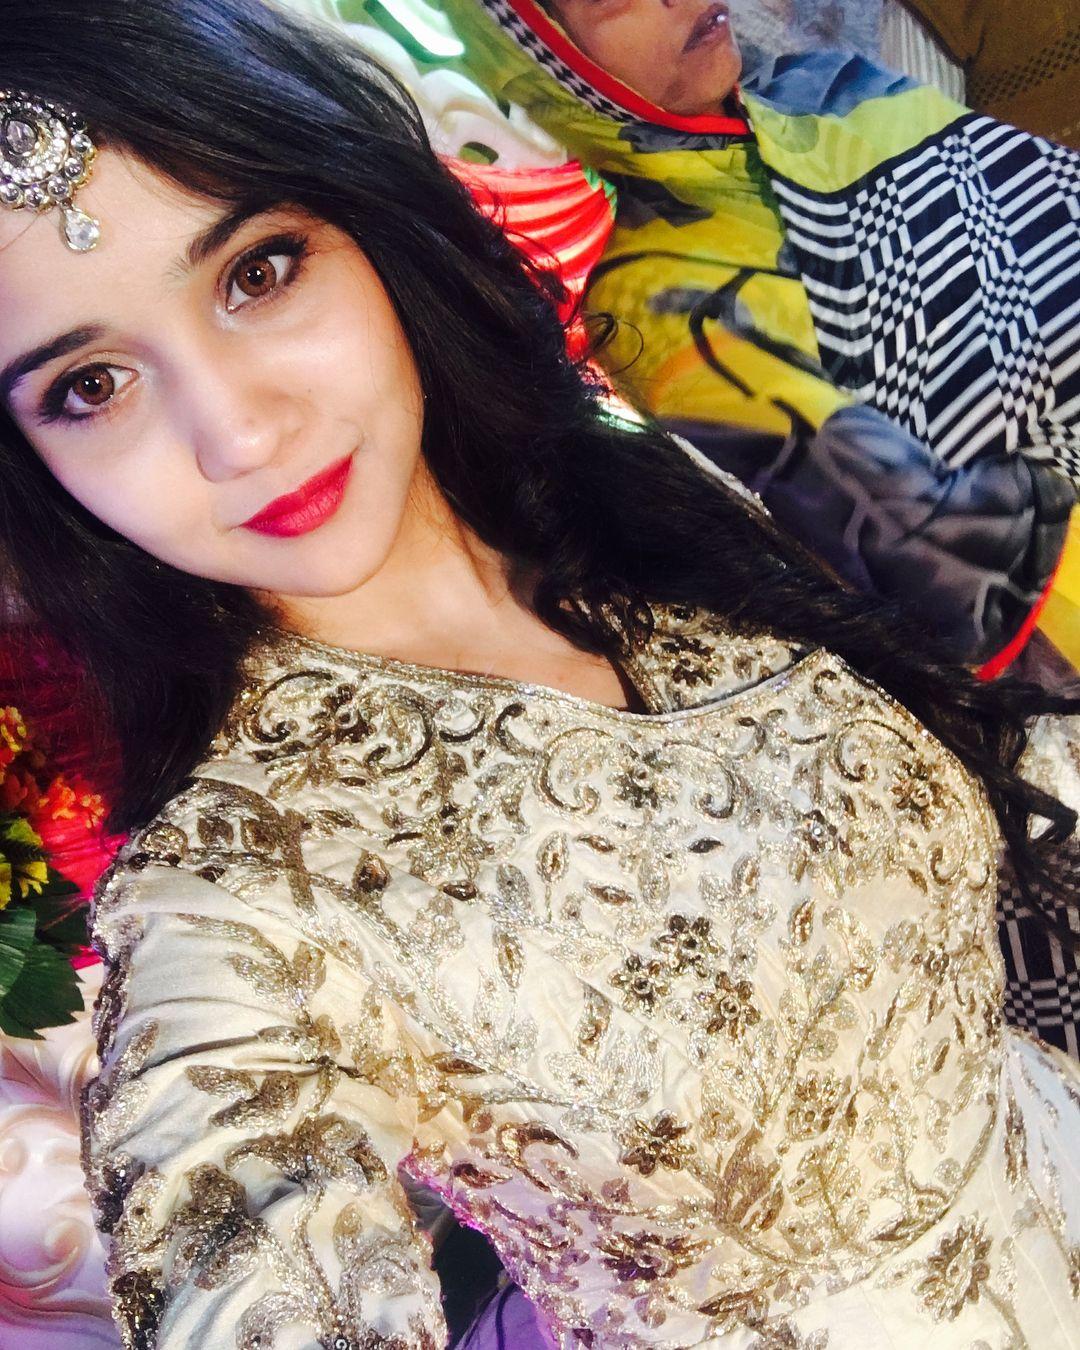 Pin by Rahini on yeh un dinon ki baat hai in 2019 | Child actresses